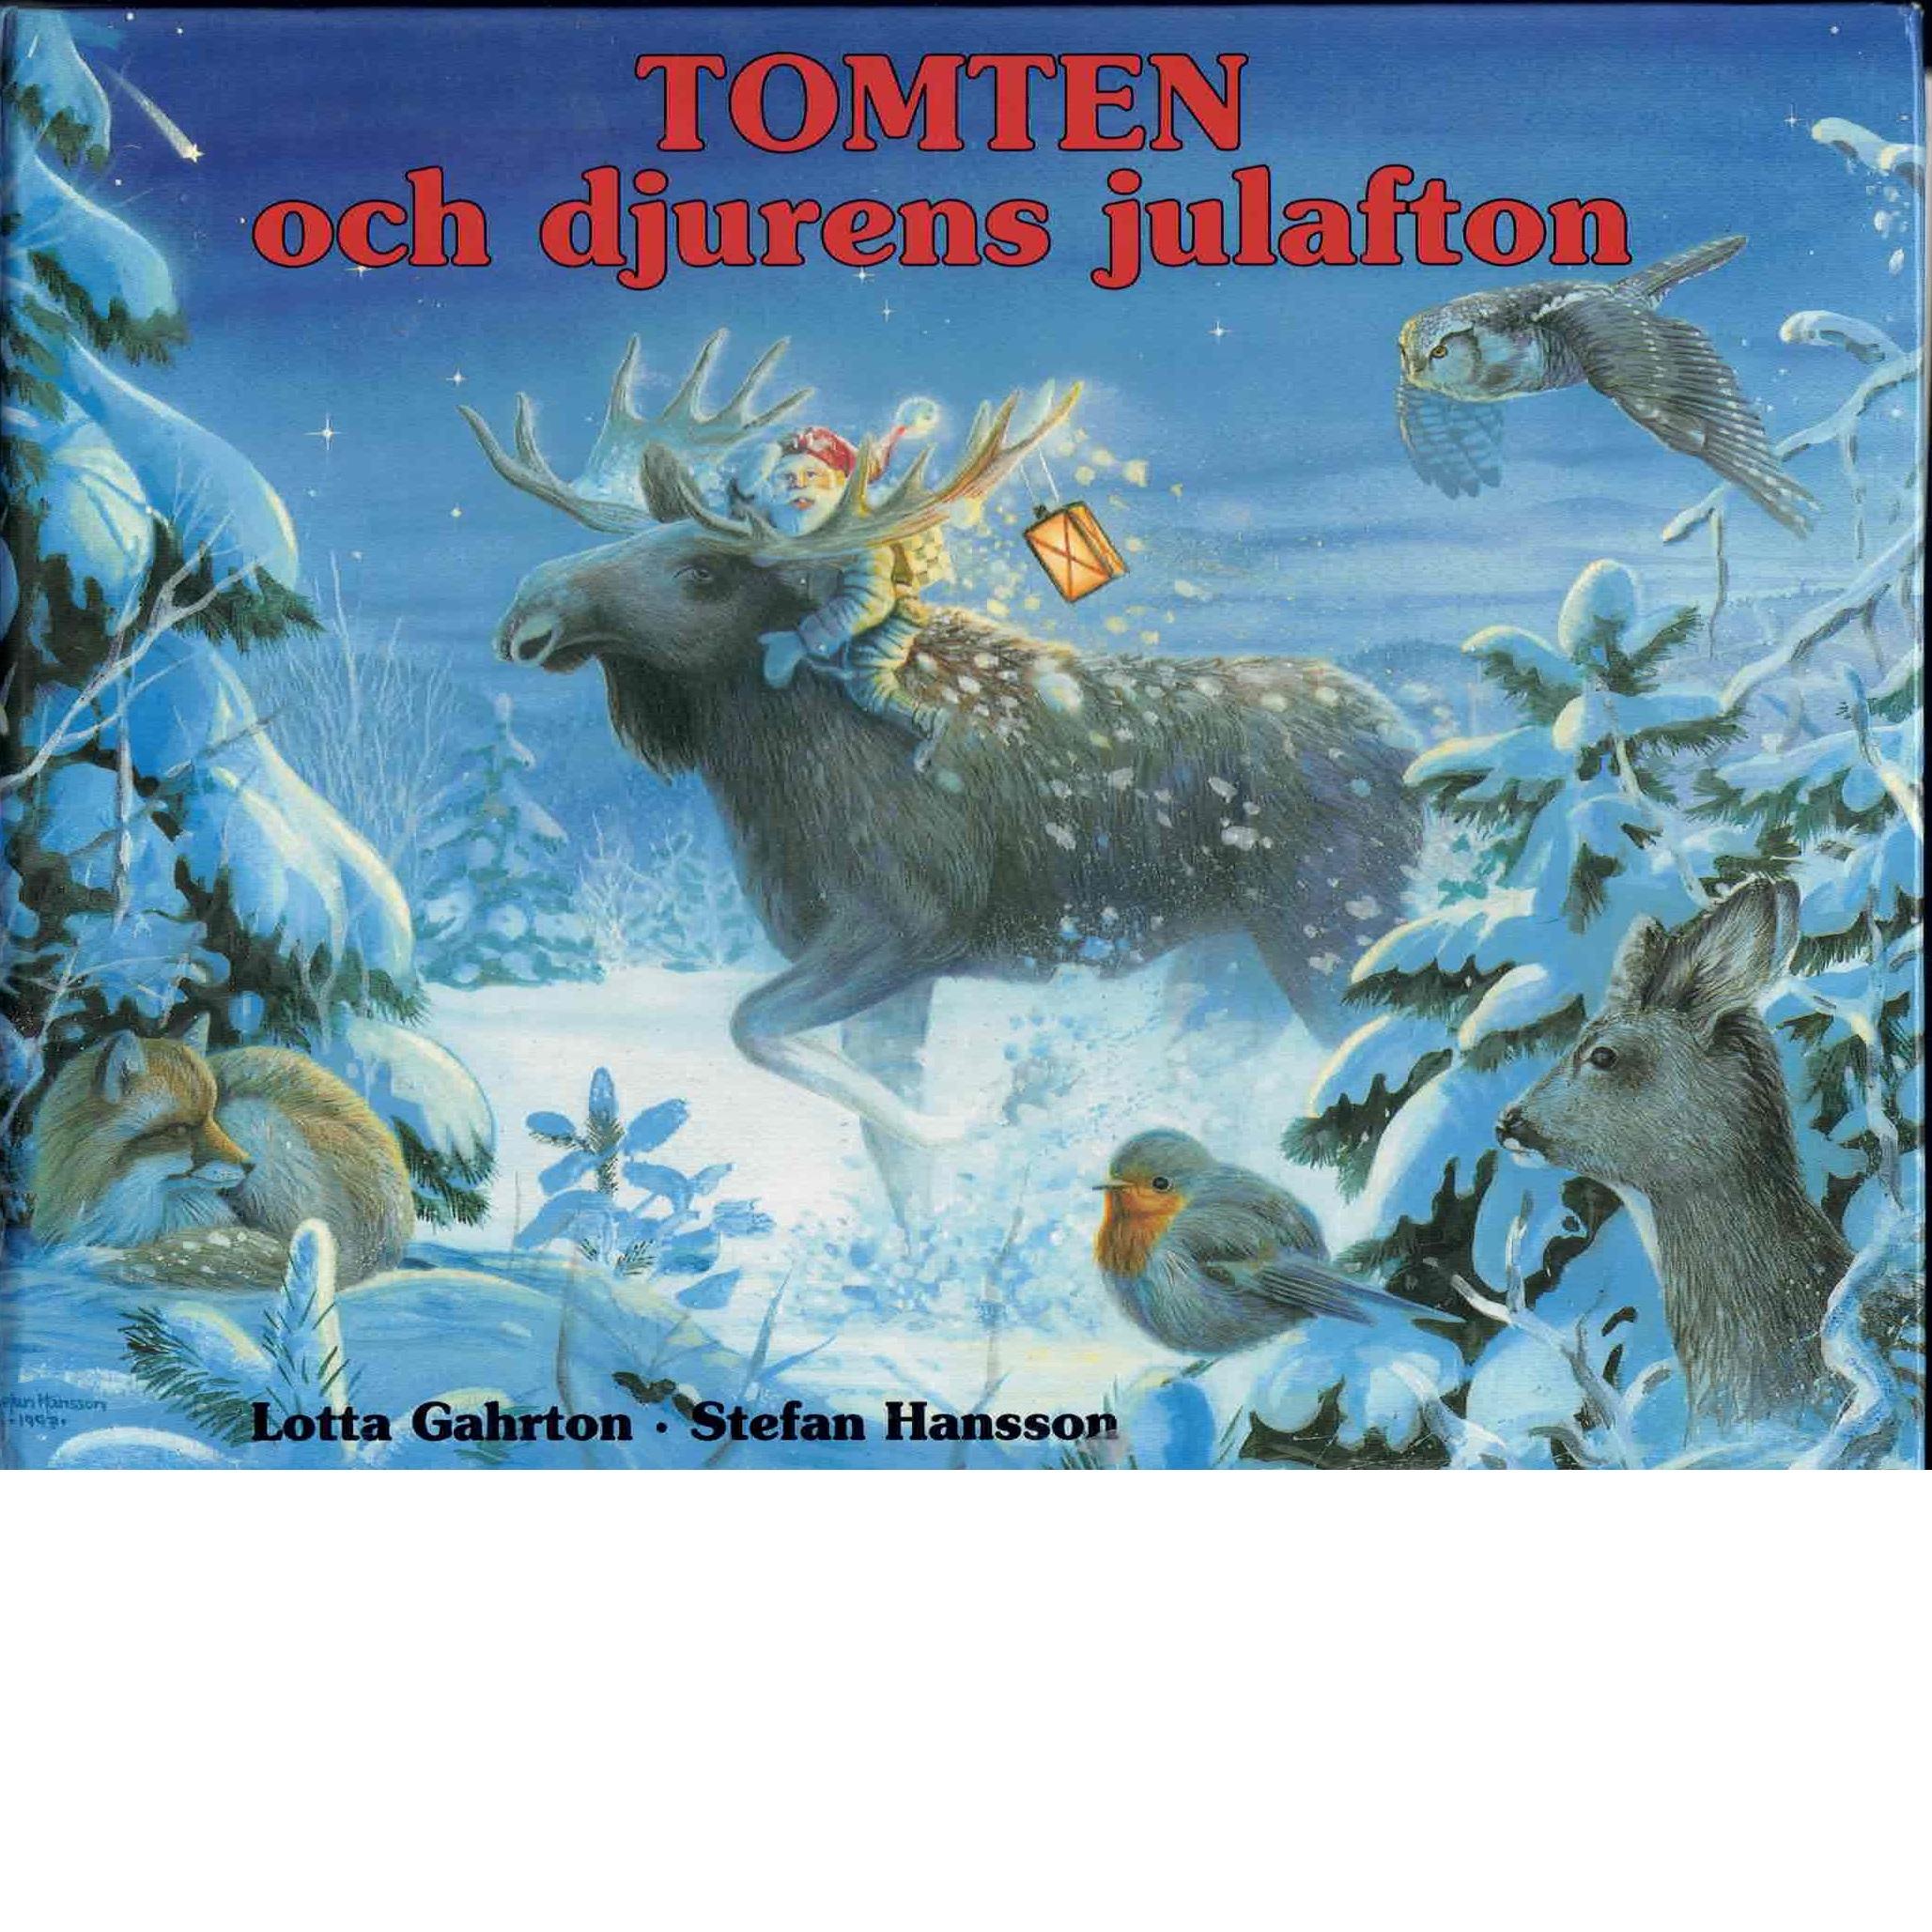 Tomten och djurens julafton - Gahrton, Lotta,